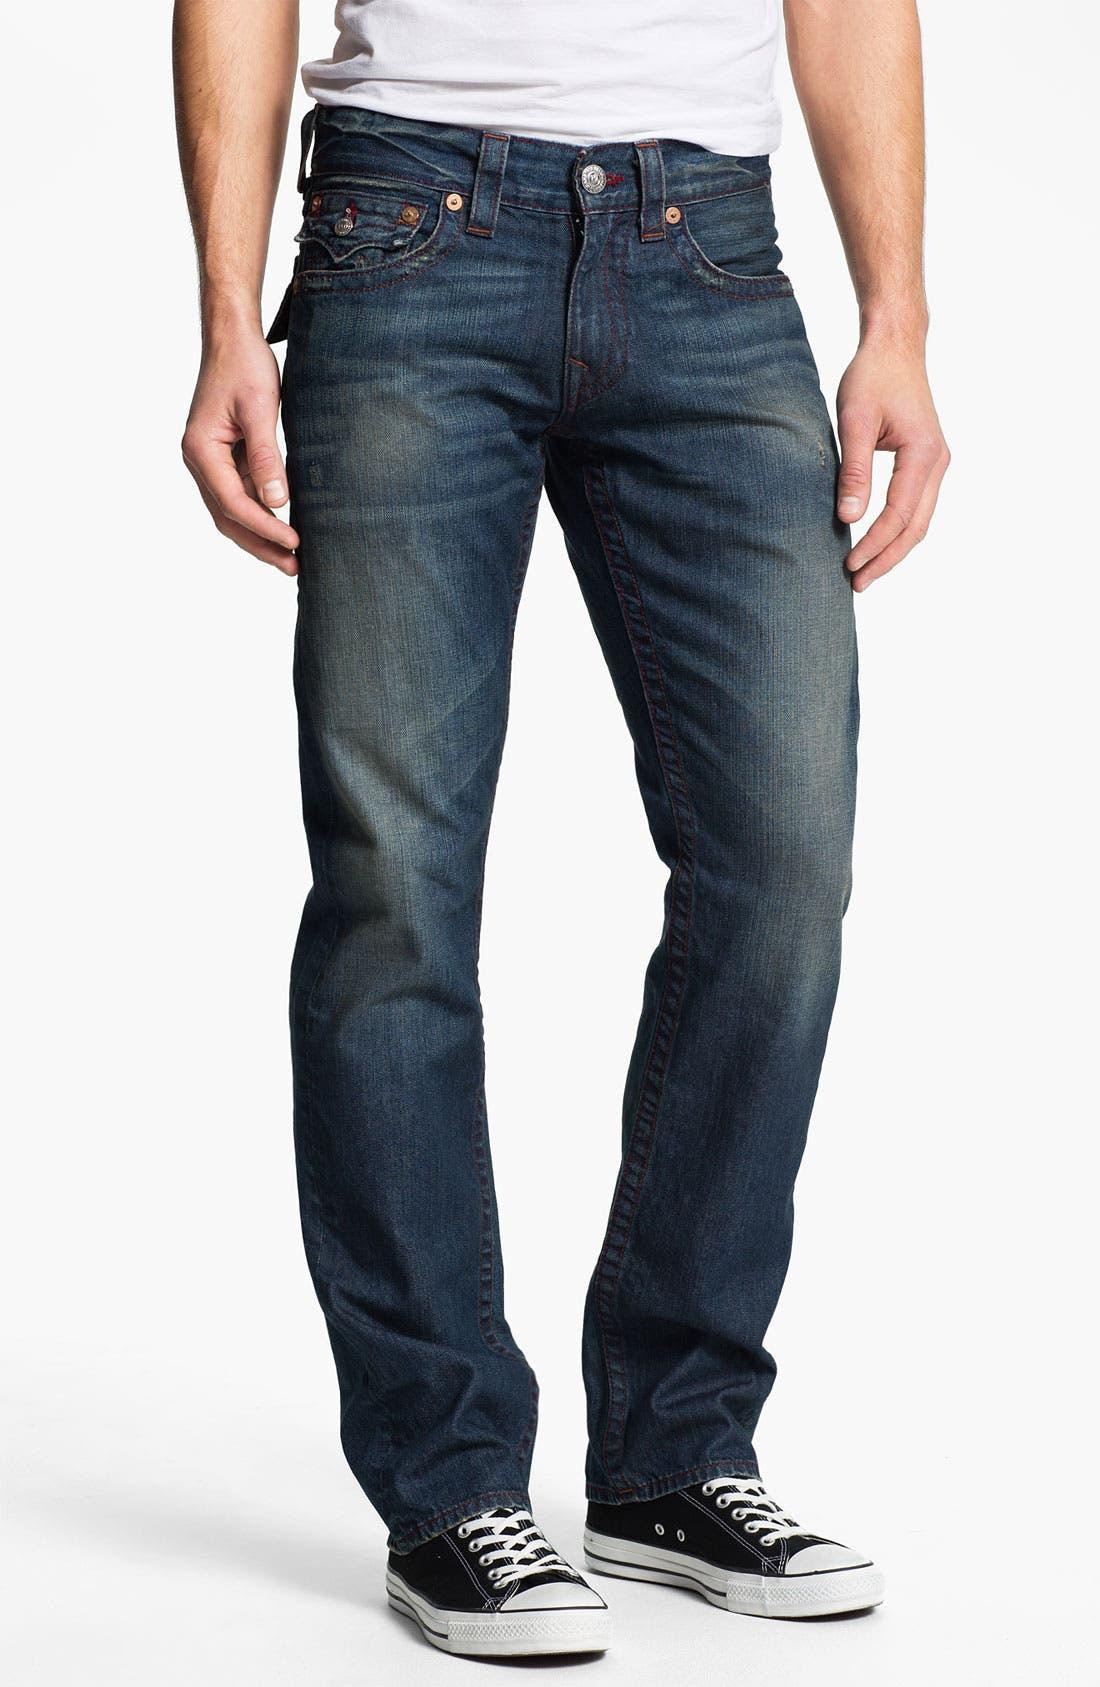 Alternate Image 2  - True Religion Brand Jeans 'Ricky' Straight Leg Jeans (Dark Drifter)